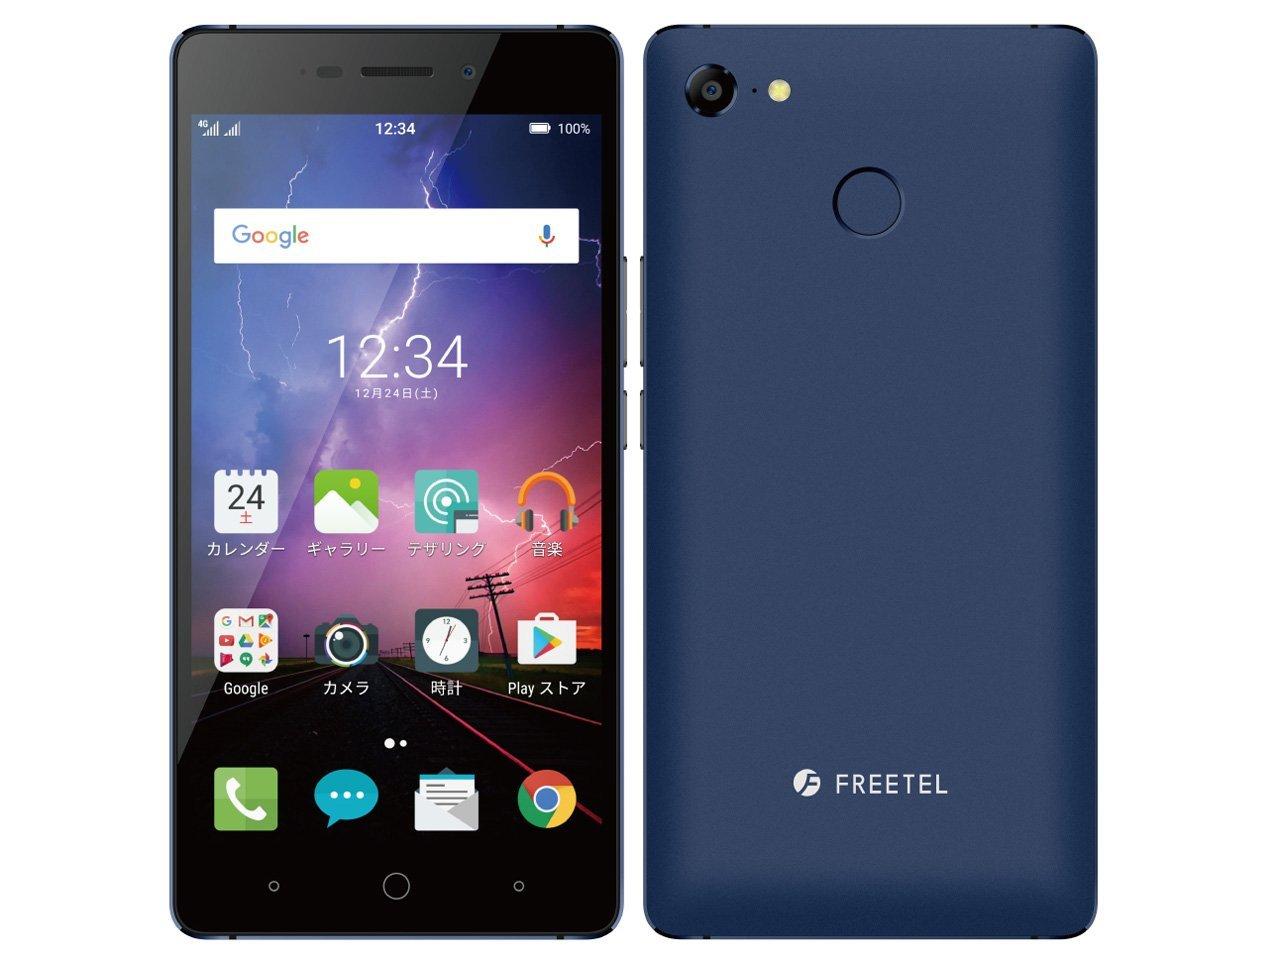 フリーテルがOCN モバイル ONEと端末セットで「REI 2 Dual」「RAIJIN」「Priori5」が最大1万円割引へ。~7/17 10時。